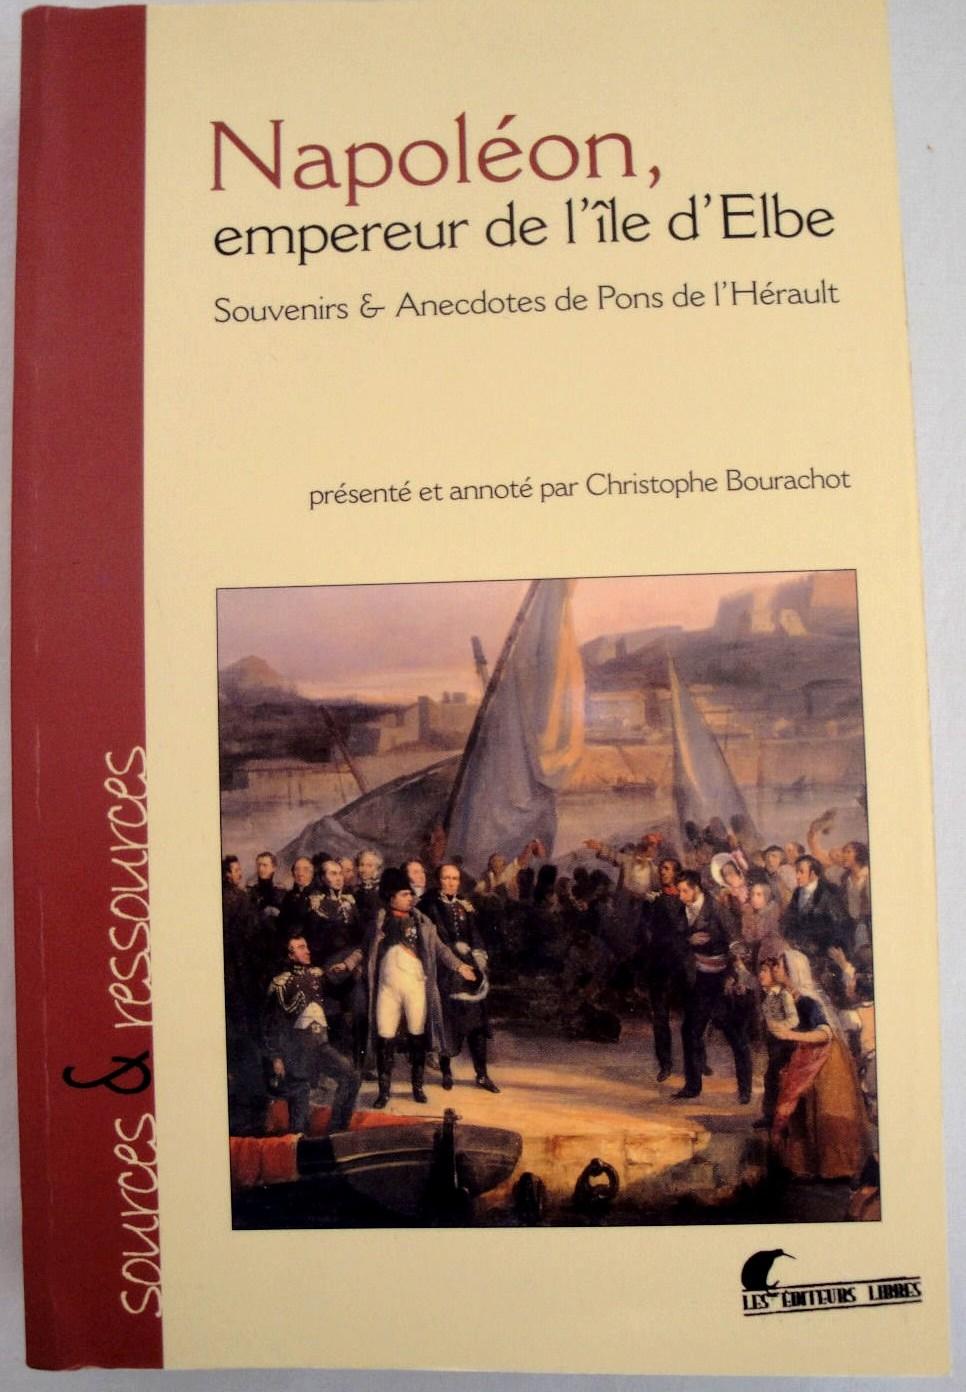 Pons-Les editeurs Libres 2005